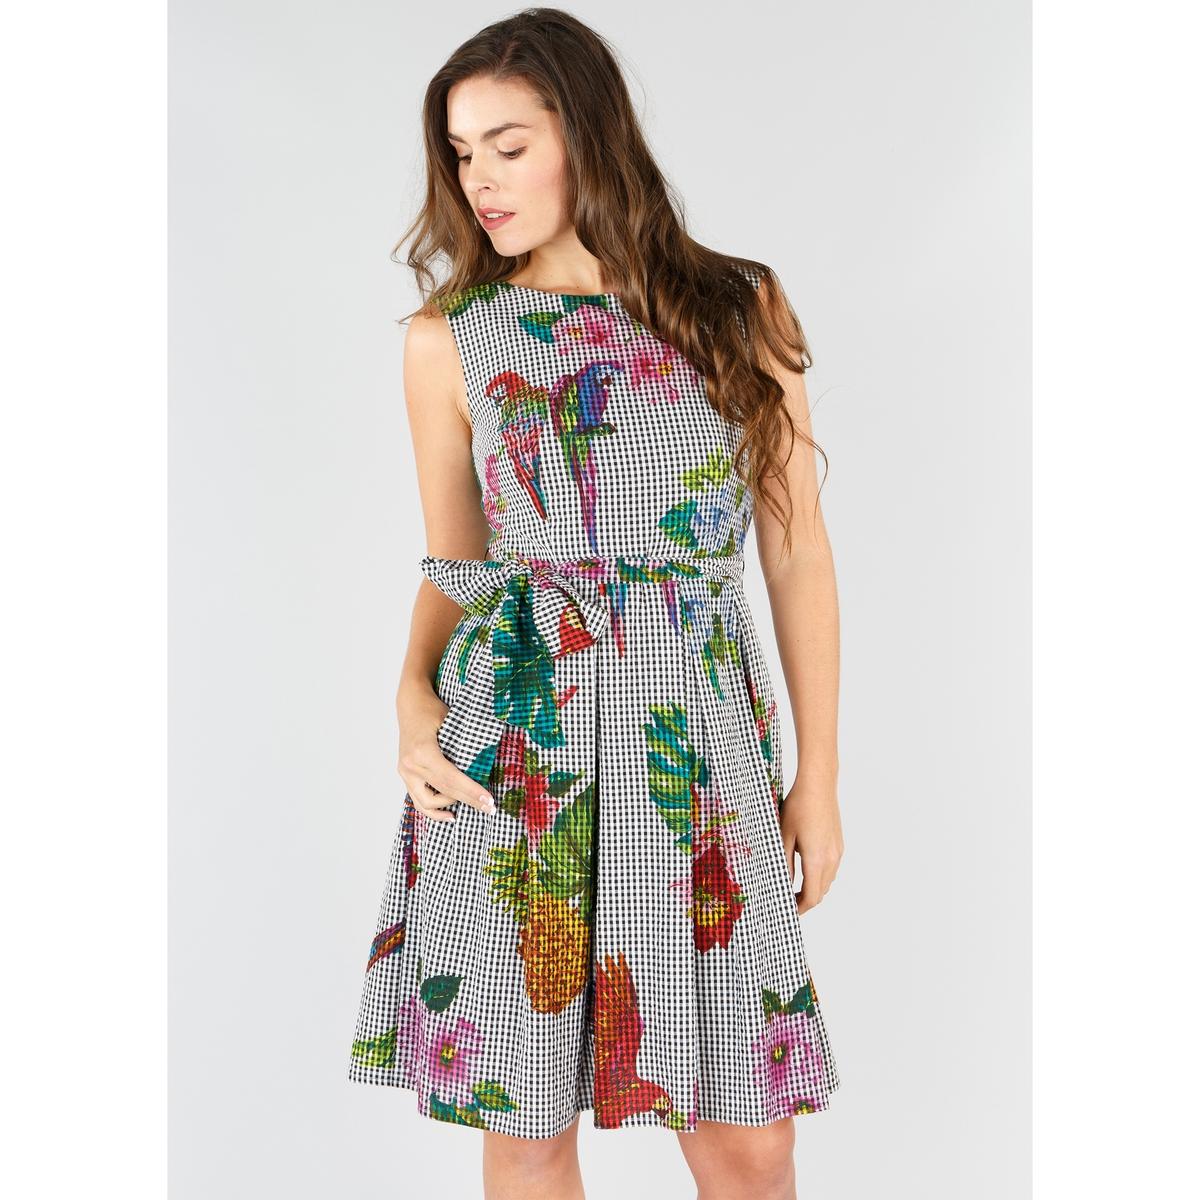 Платье расклешённое с тропическим рисунком без рукавов платье укороченное расклешённое с рисунком рукава 3 4